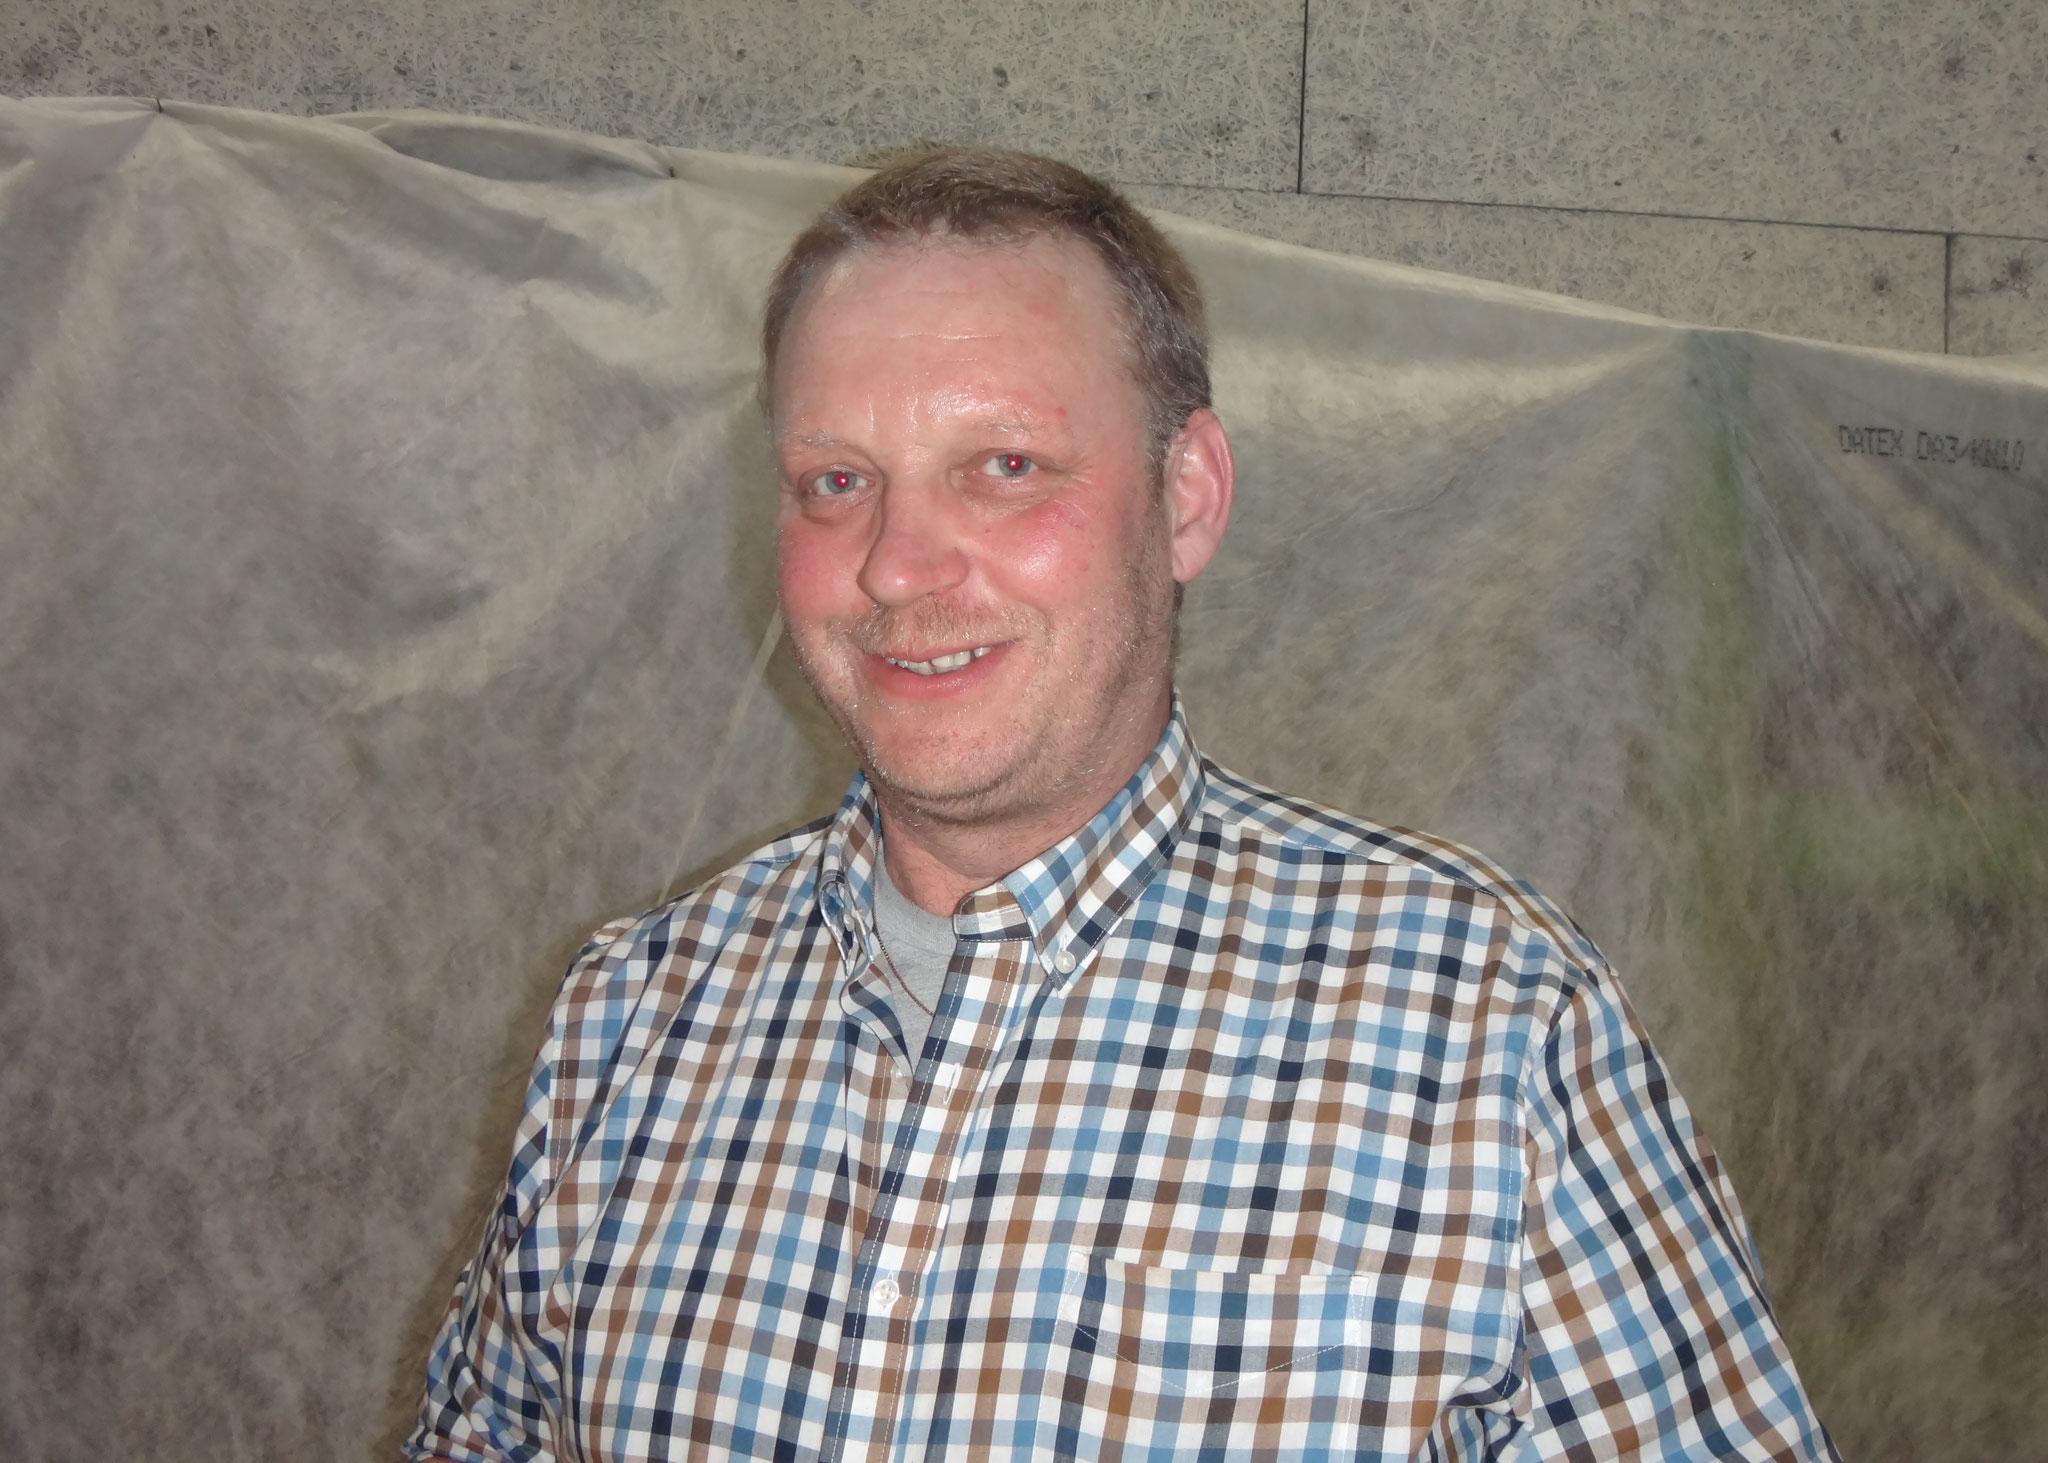 25 Jahre: Martin Betschart: Mechaniker, heute Werkstattchef